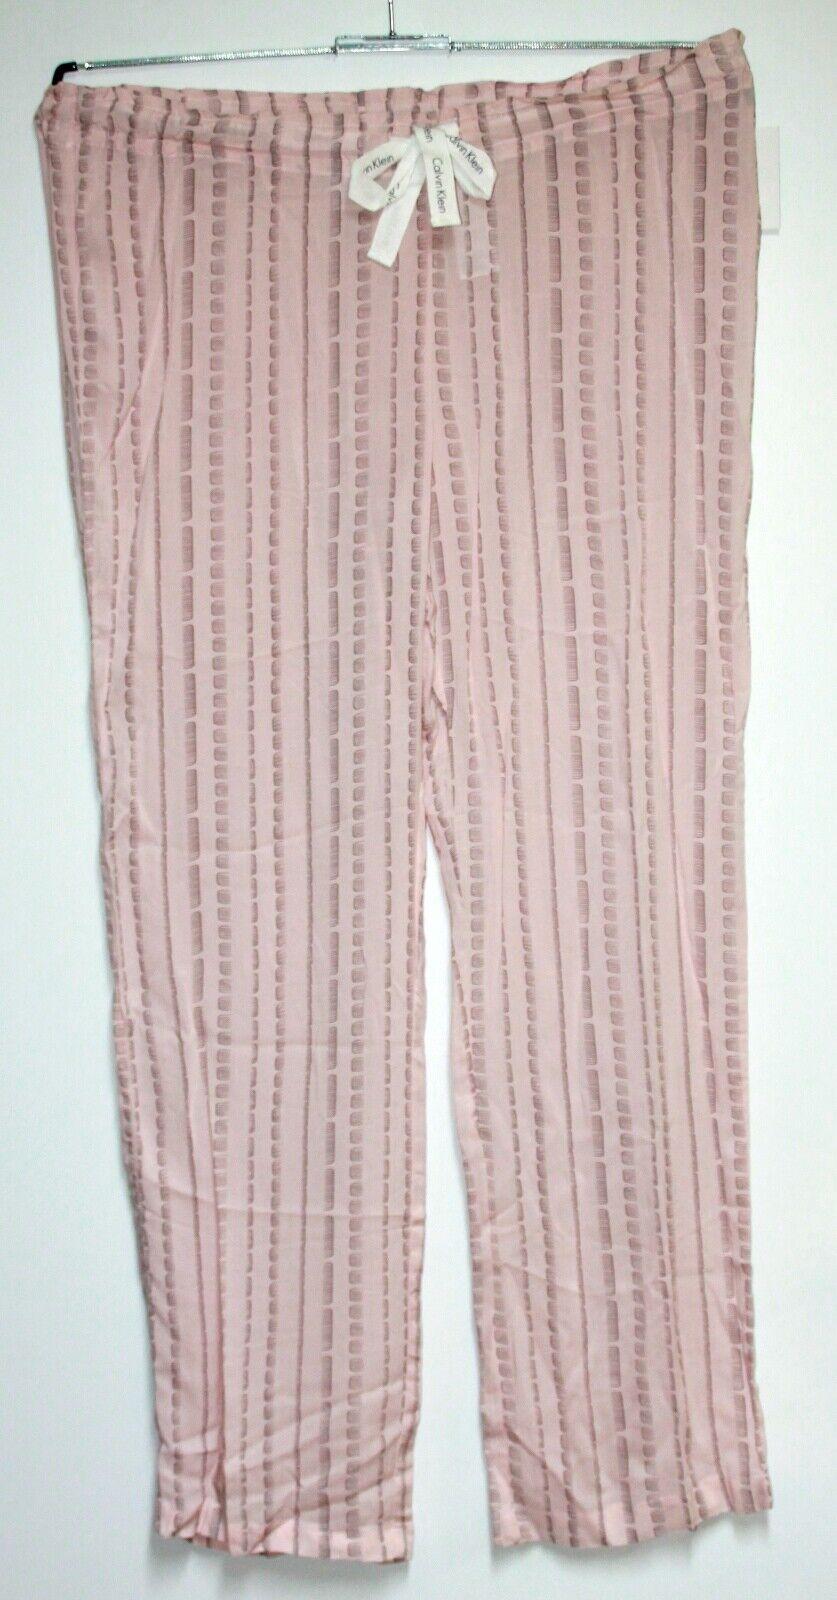 CK UNDERWEAR Damen Pyjamahose gemustert  Größe:M  Neu mit Etikett NP:42€